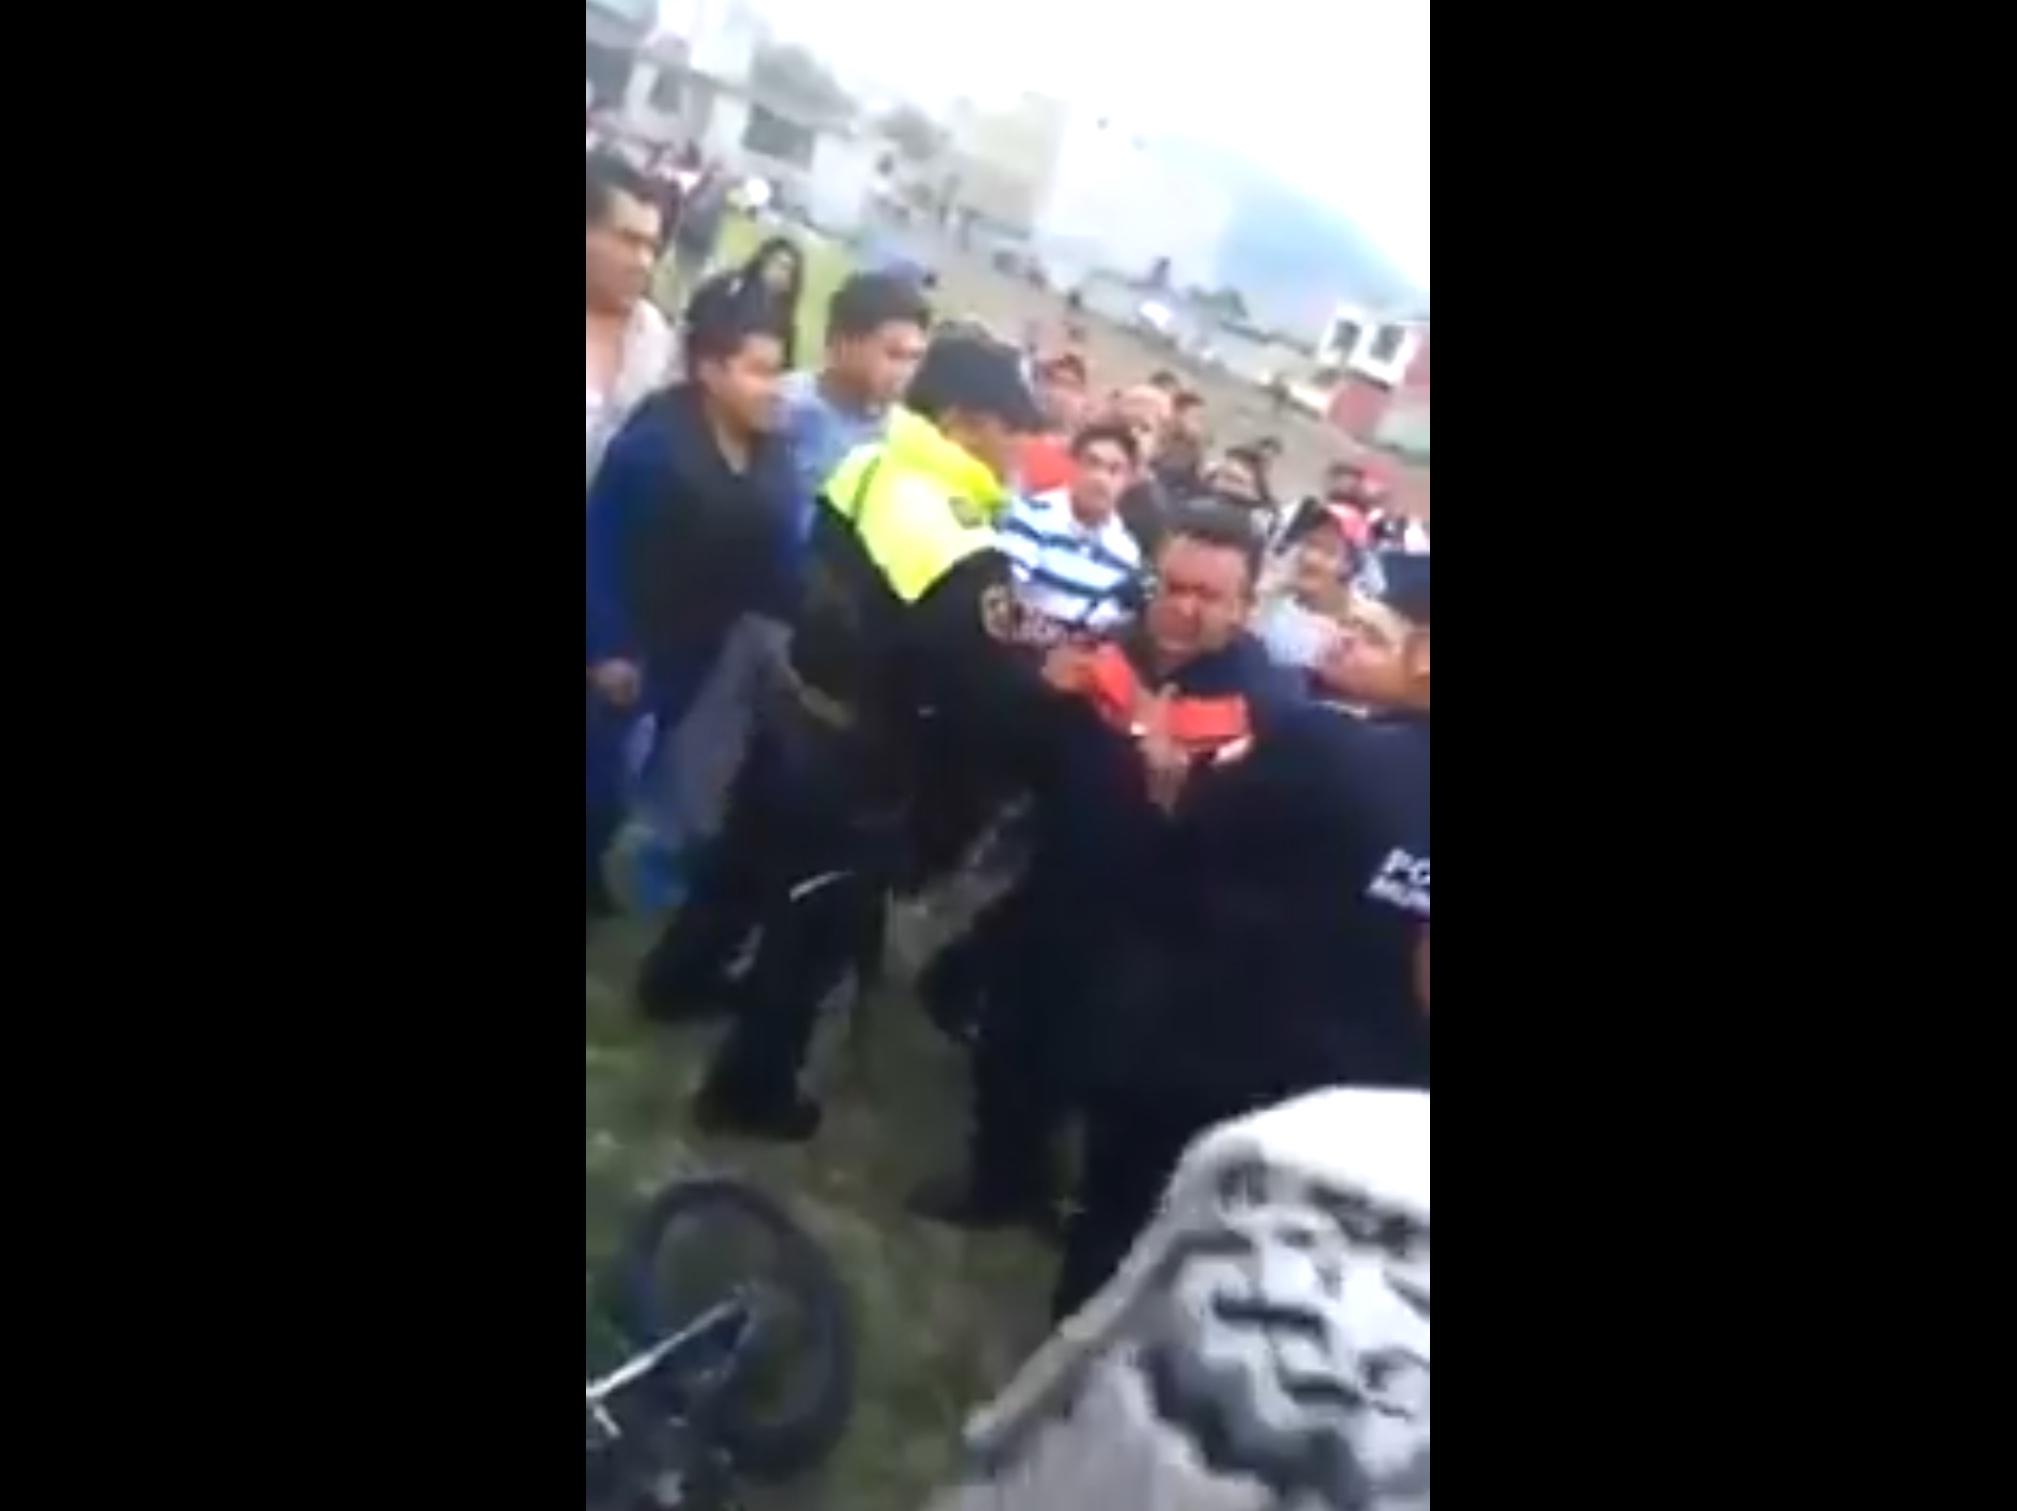 Inseguridad y violencia detonan hartazgo social en Toluca